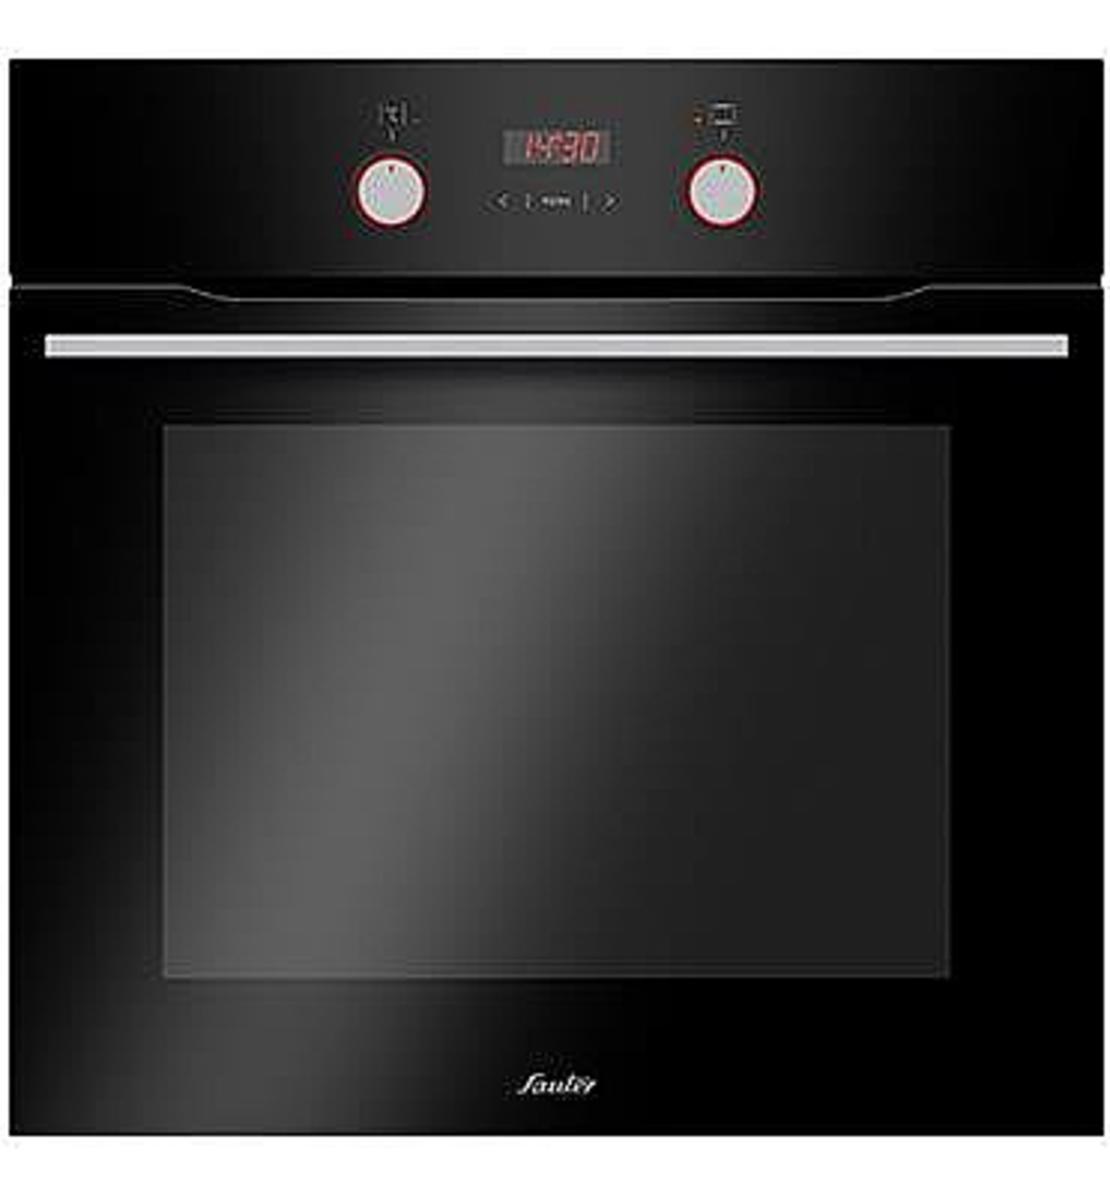 תנור בנוי דיגיטלי סאוטר דגם CUISINE 3800